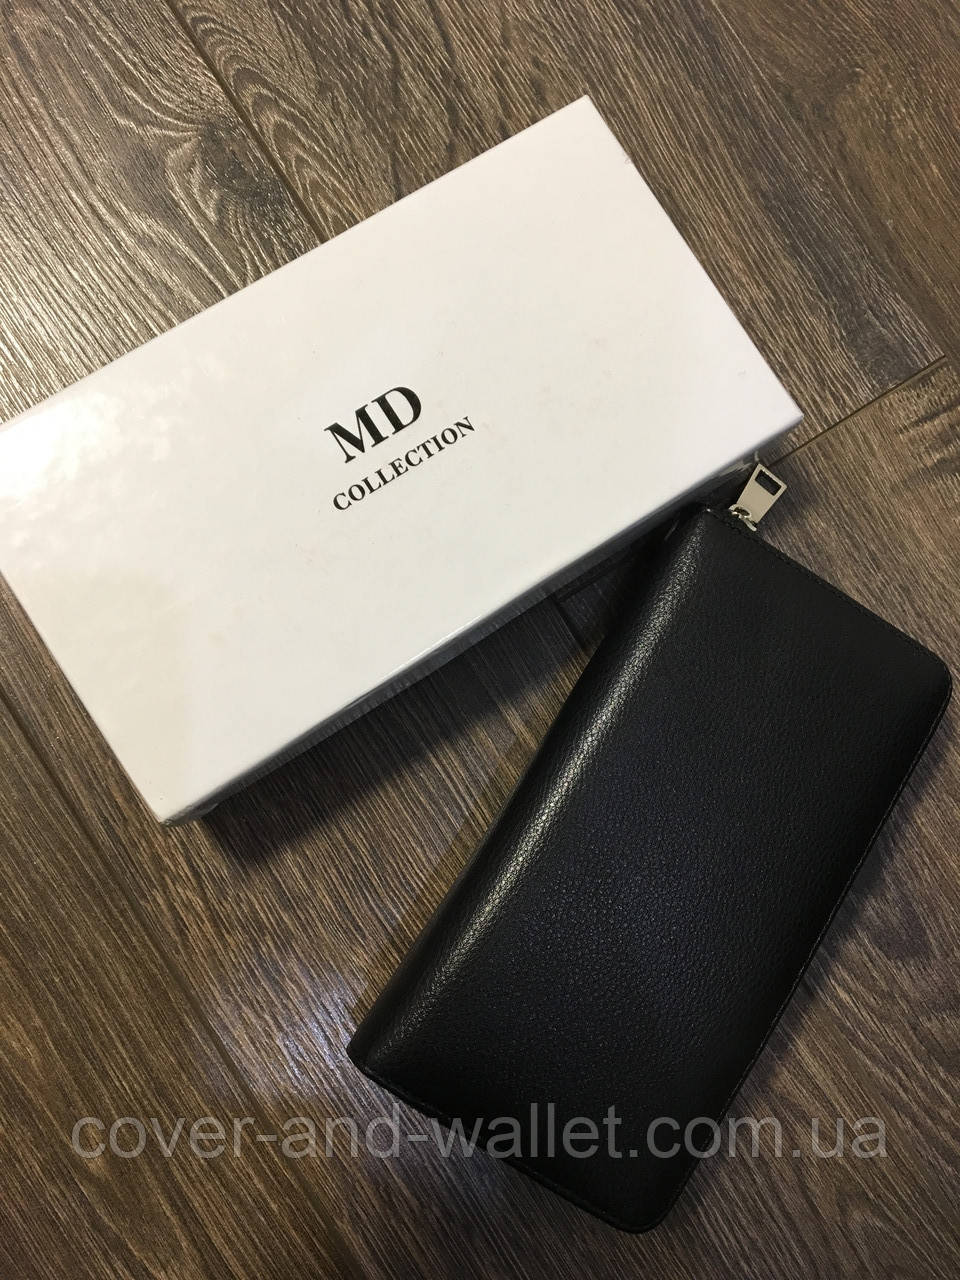 08a544667446 Клатч - кошелёк мужской MD COLLECTION черный - cover and wallet (обложка и  кошелек)